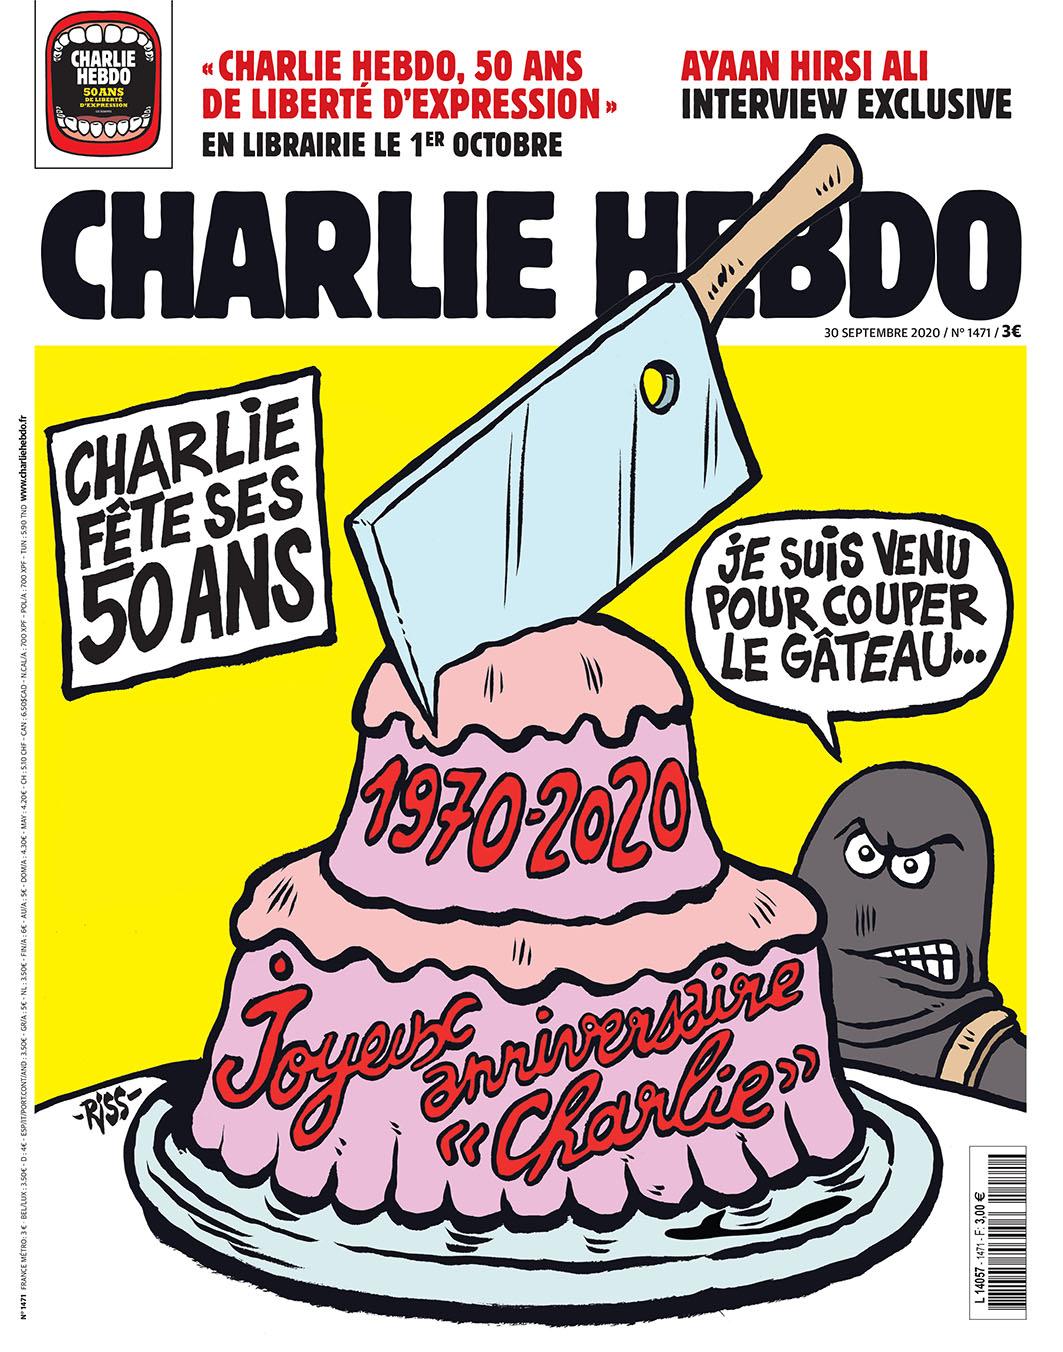 Charlie Hebdo n°1471 -- 30 septembre 2020 --- RISS --- Charlie Hebdo à 50 ans en plein procès des attentats de 2015